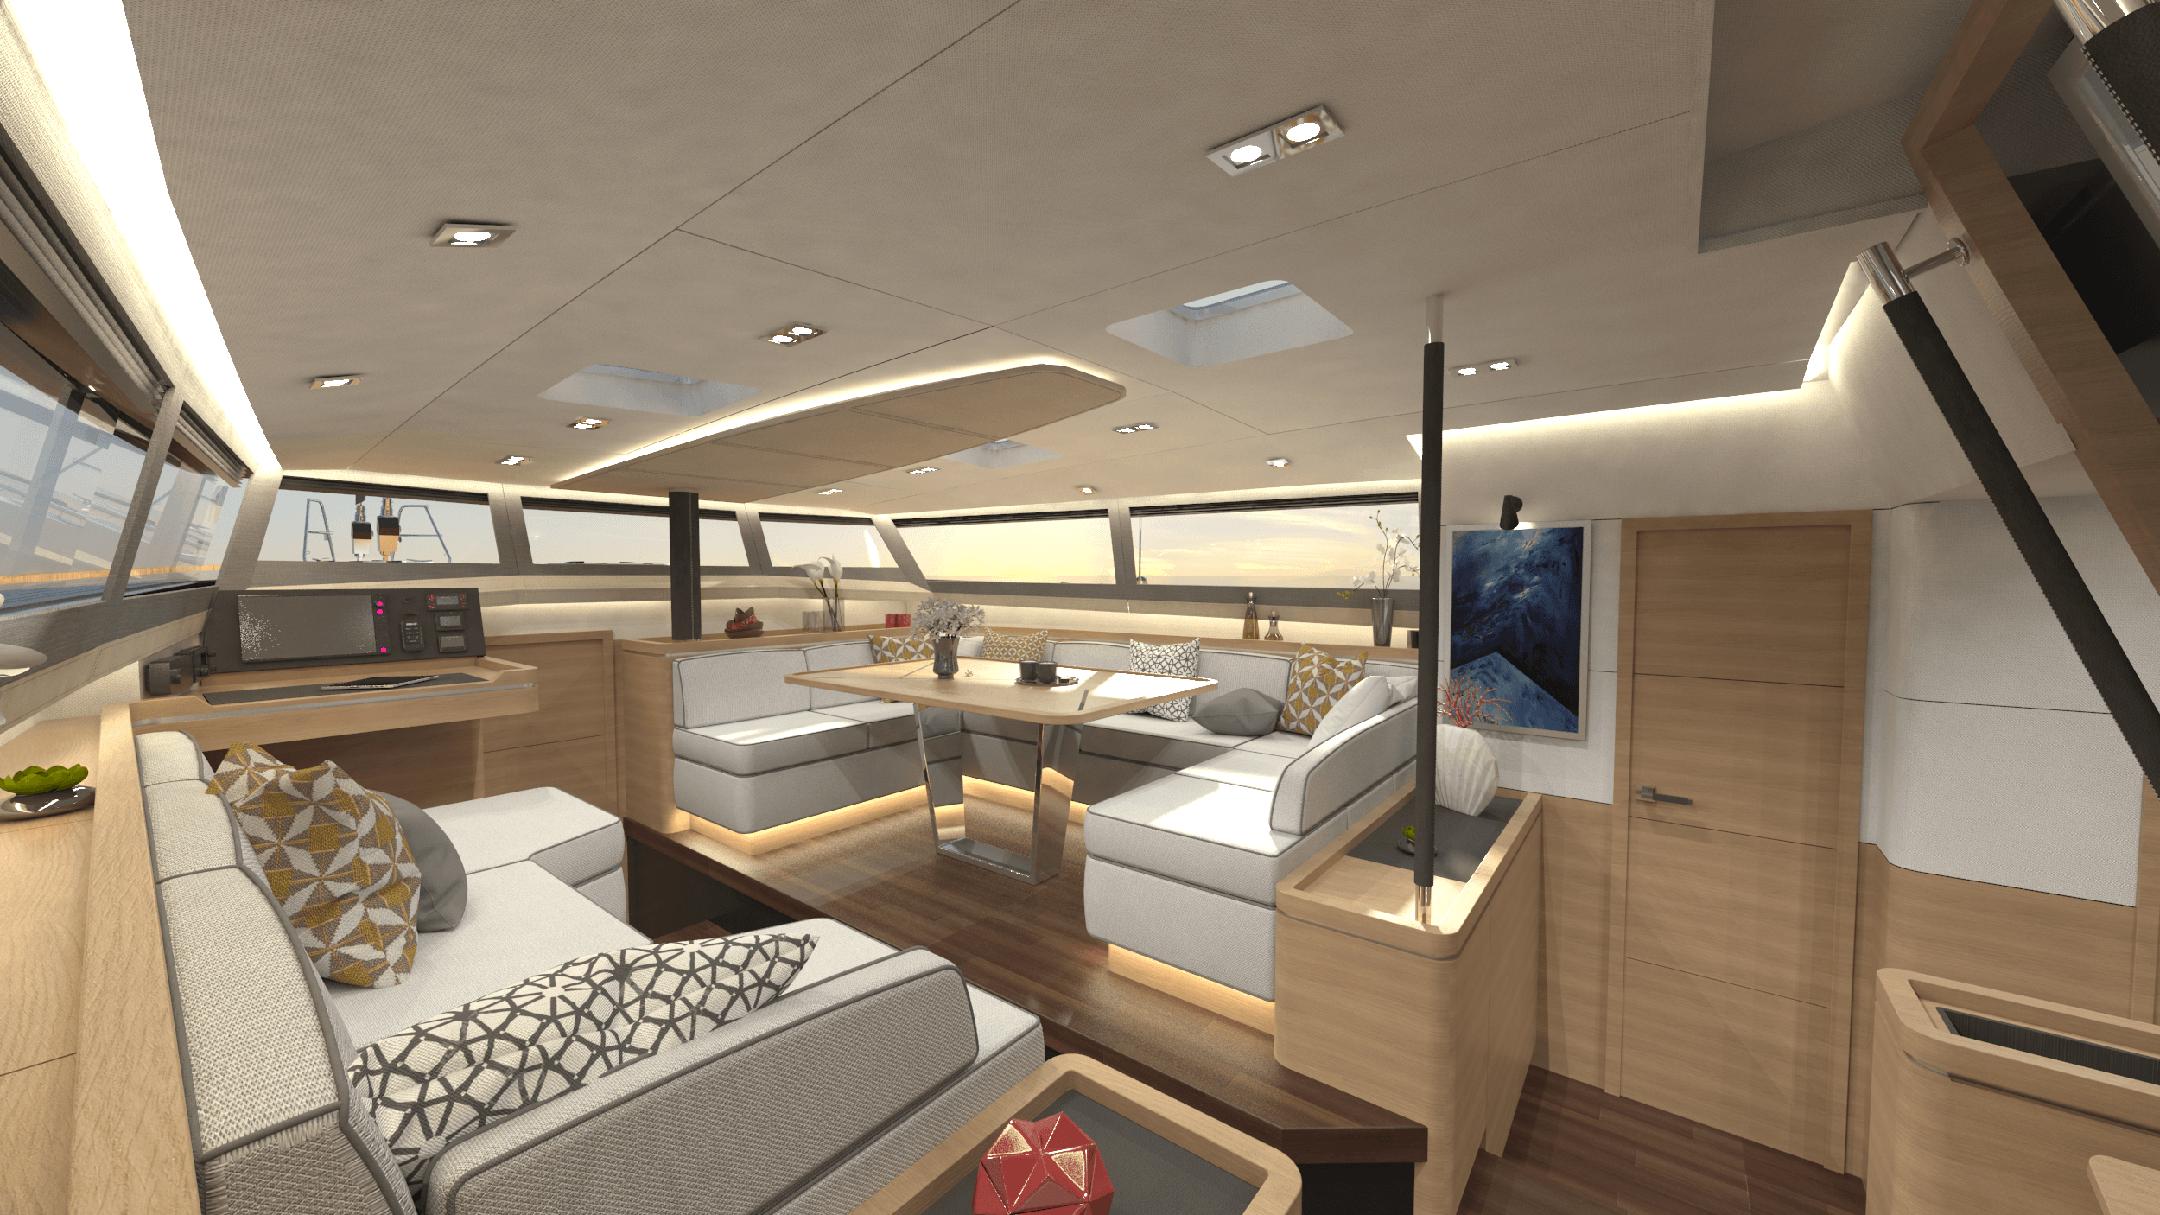 Le chantier Garcia Yachts est spécialisé depuis sa création dans la construction de voiliers à coque aluminium et il fait aujourd'hui partie du Groupe Grand Large Yachting. Dériveurs intégraux ou catamarans, les voiliers Garcia Exploration se démarquent par leur ra